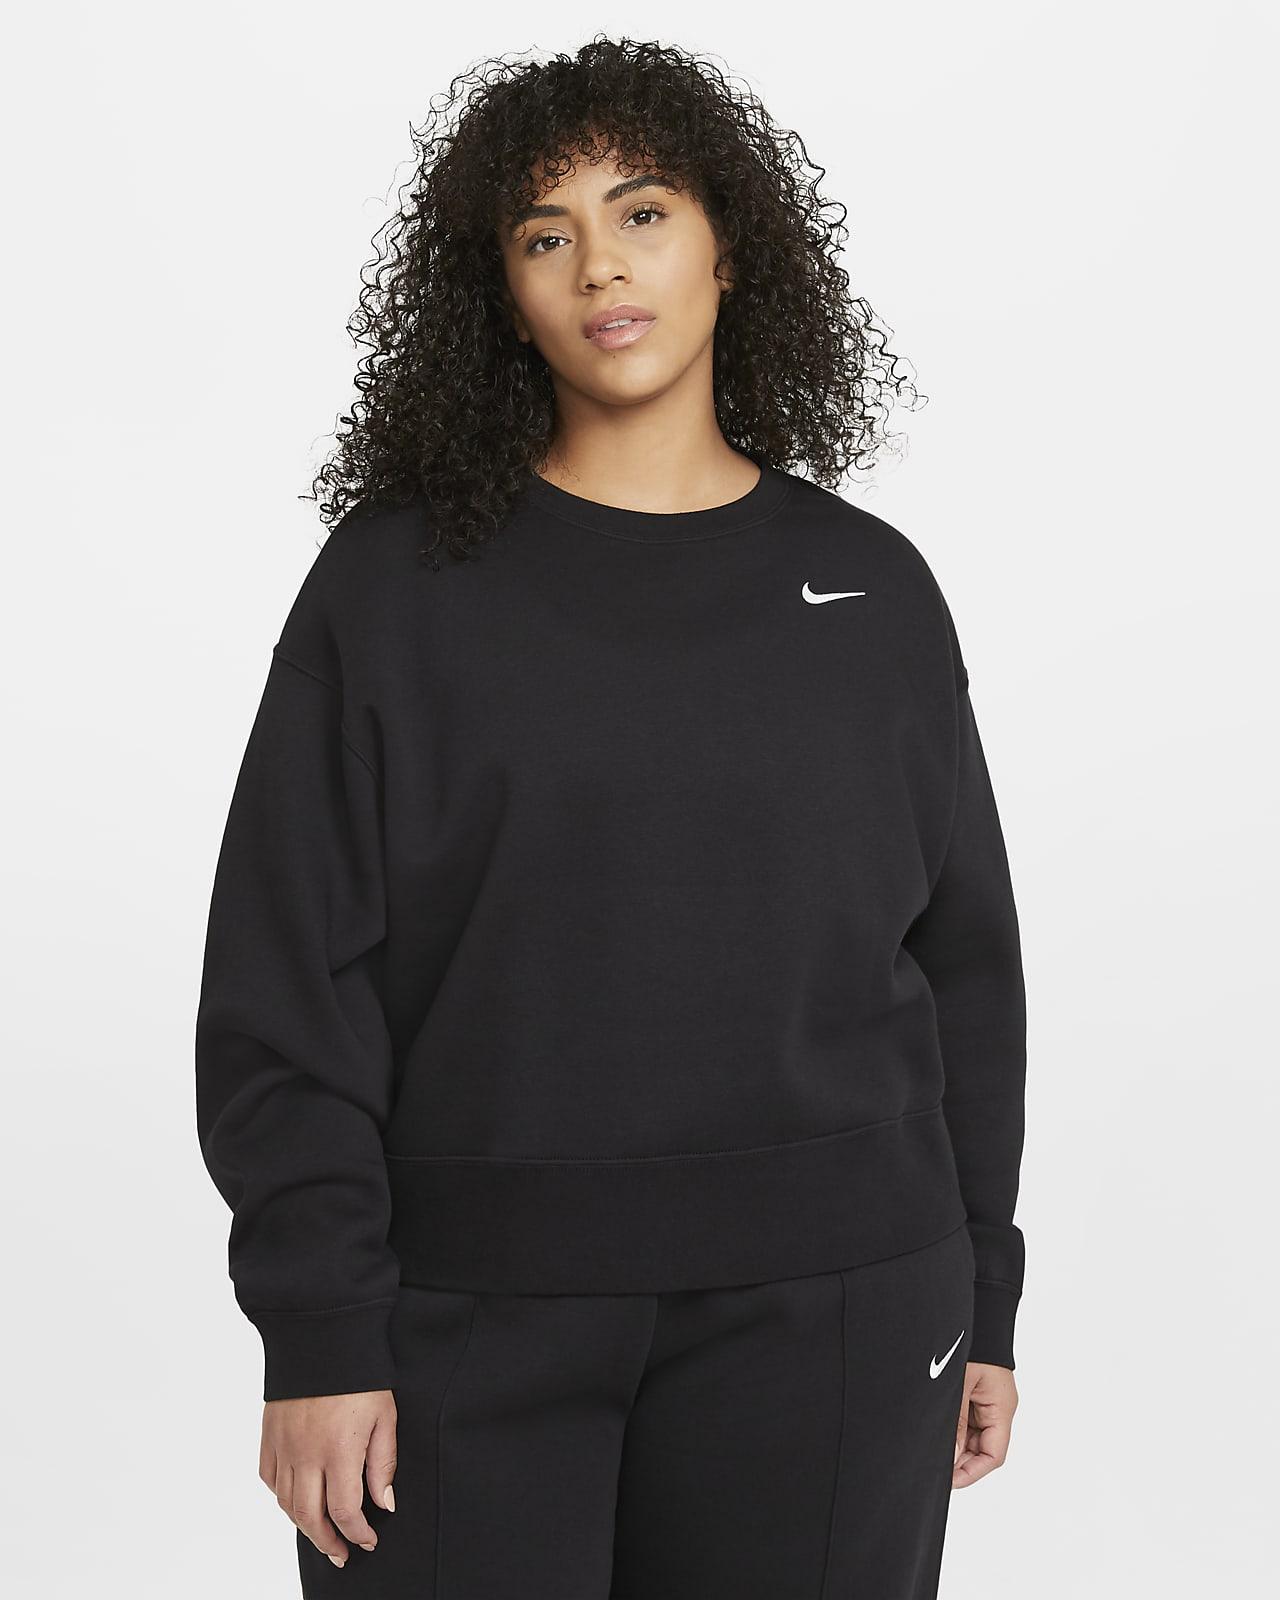 Tröja med rund hals Nike Sportswear Essential för kvinnor (Plus size)